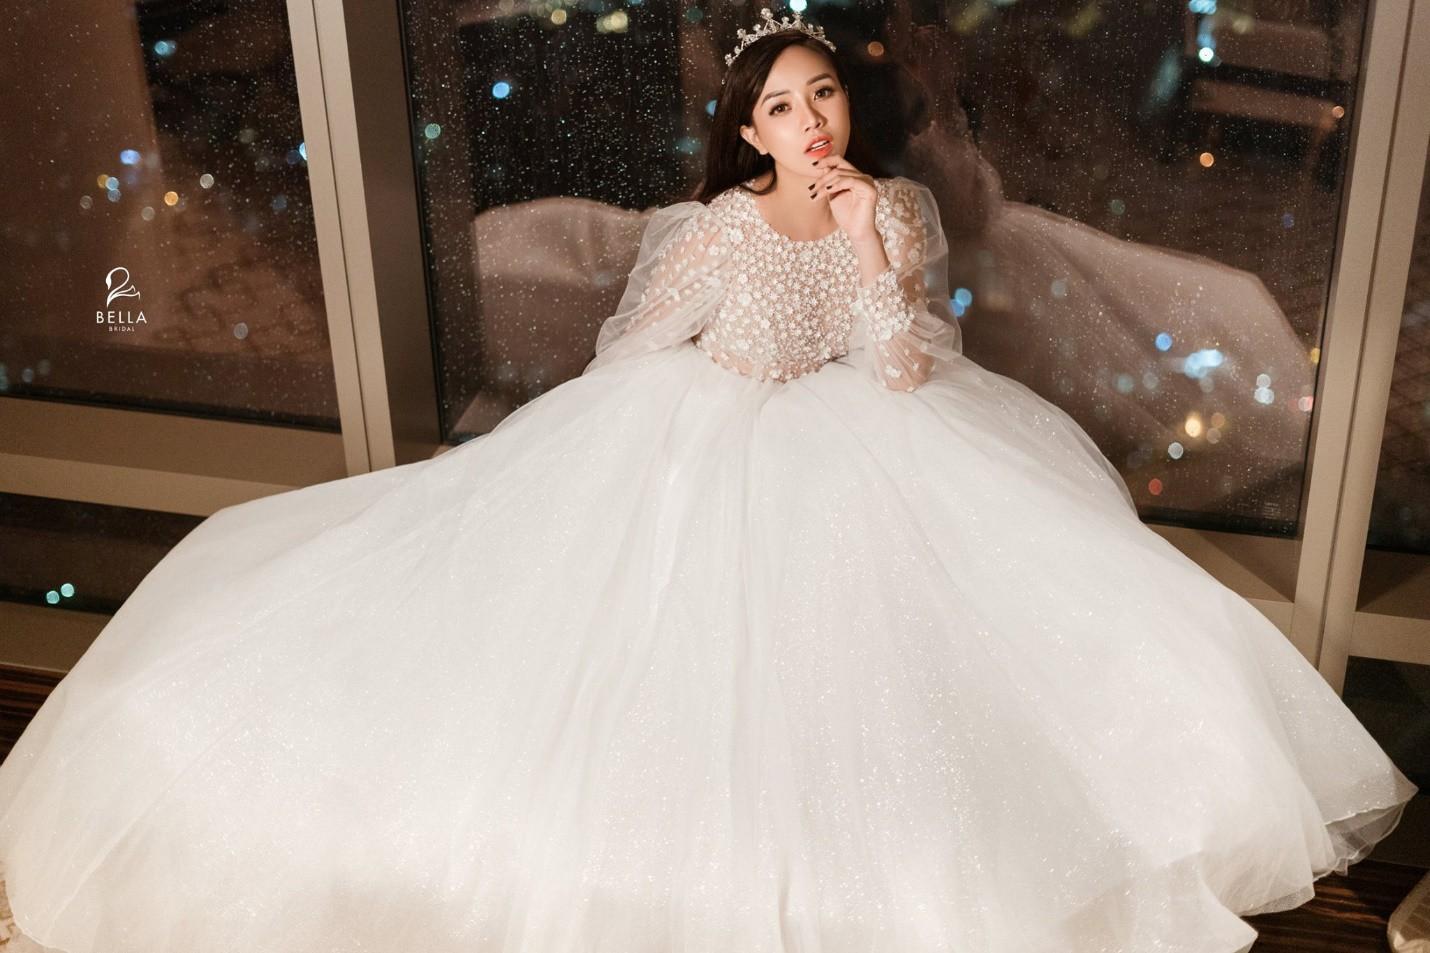 Váy cưới 2019: 5 mẫu váy cưới sẽ lên ngôi mà cô dâu cần biết - Ảnh 5.